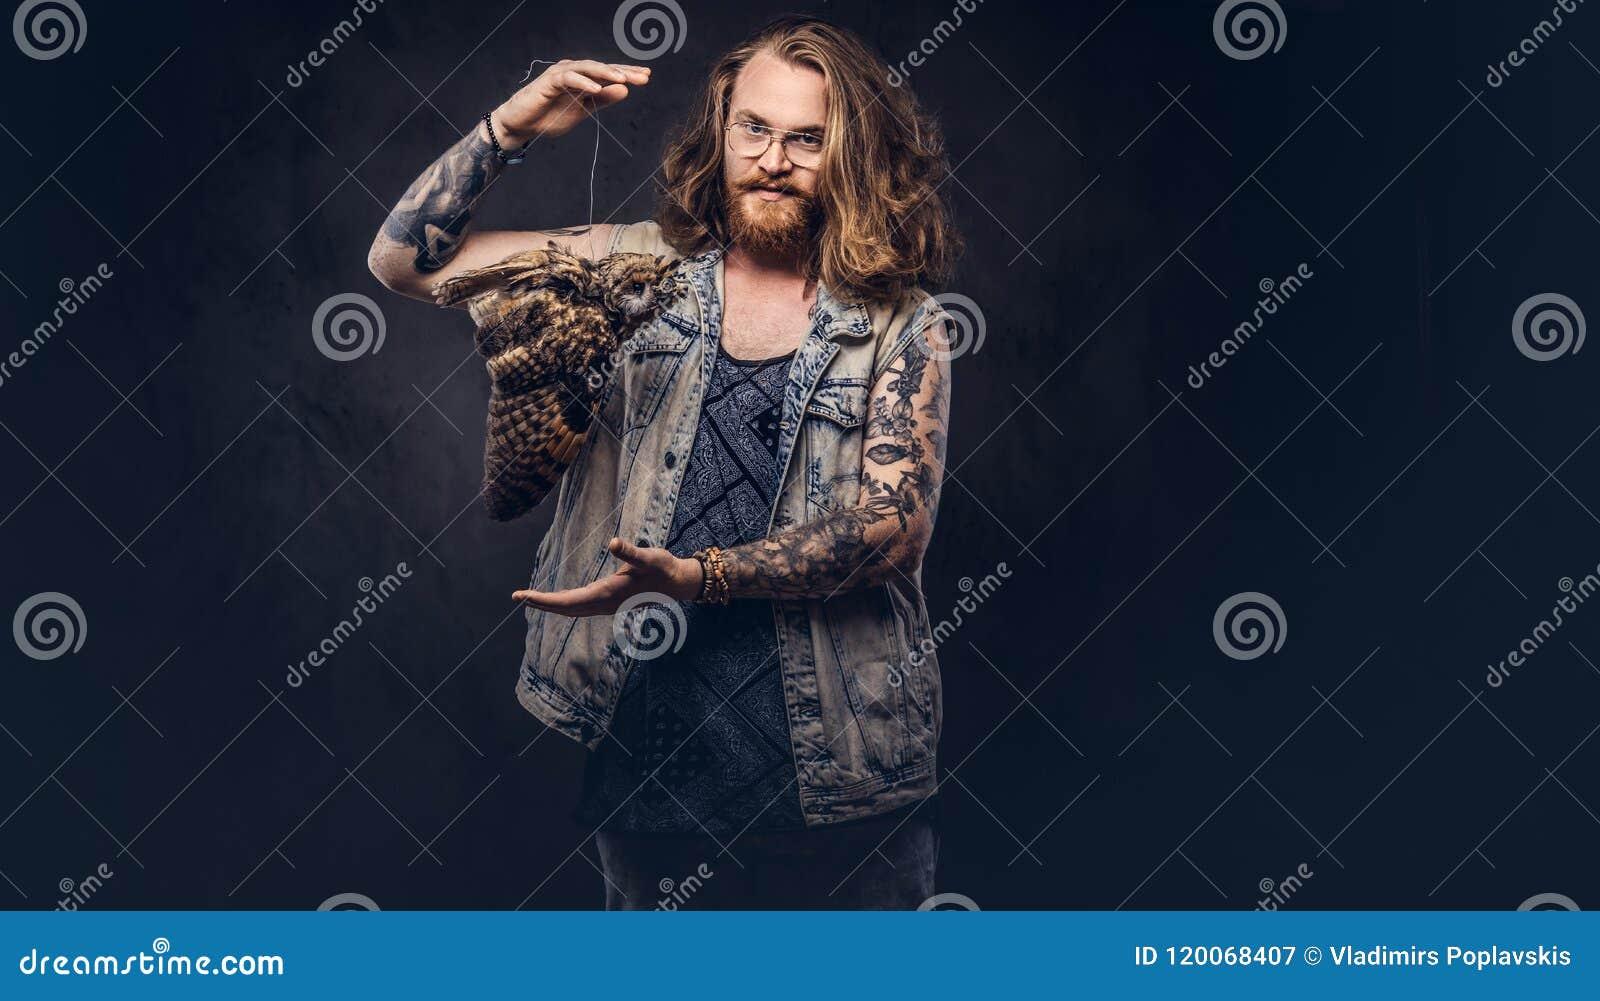 Το πορτρέτο του α το redhead αρσενικό hipster με τη μακριά άφθονη τρίχα και η πλήρης γενειάδα έντυσε σε μια μπλούζα και το σακάκι